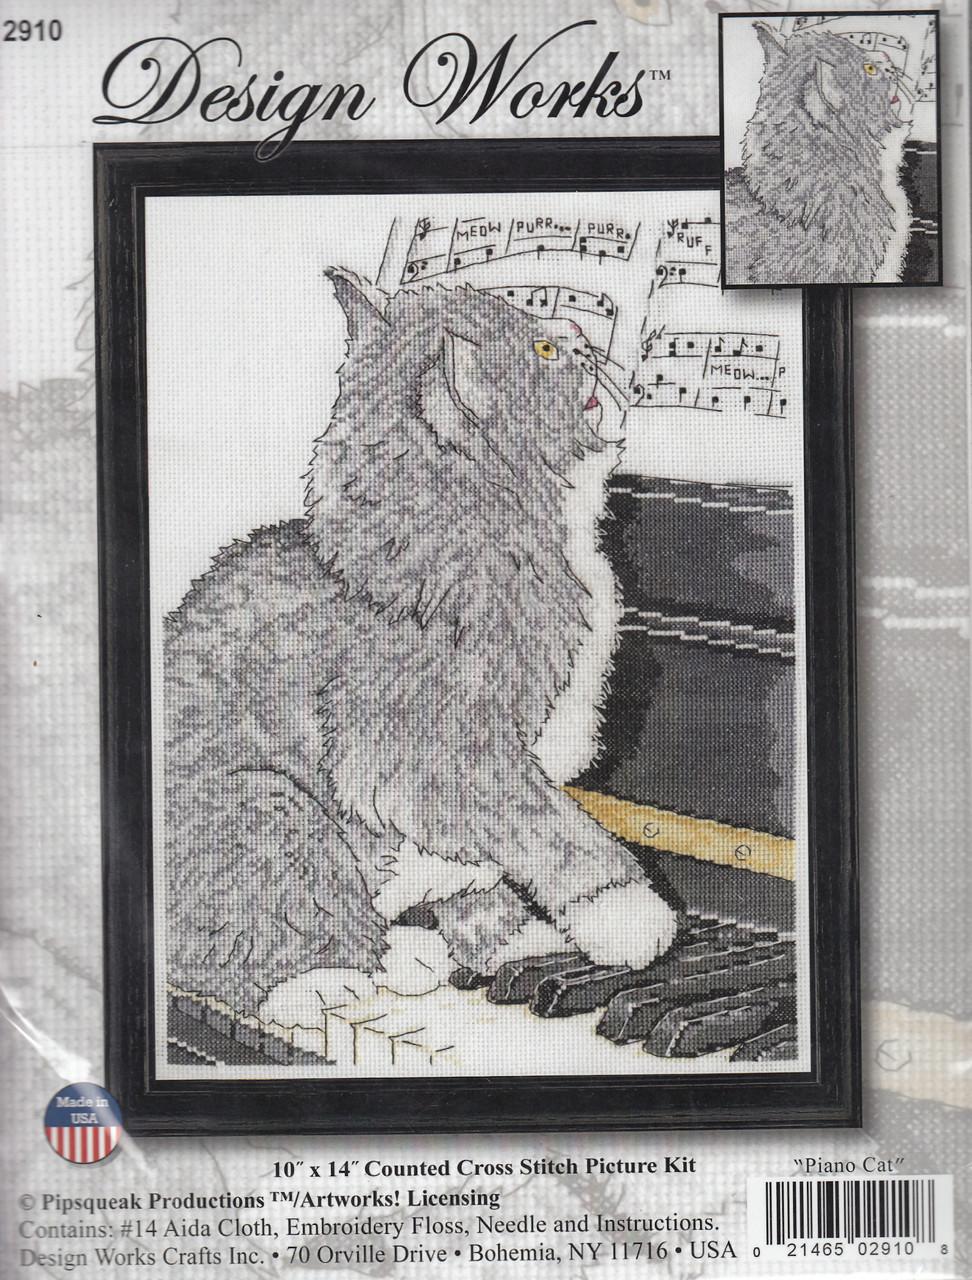 Design Works - Piano Cat